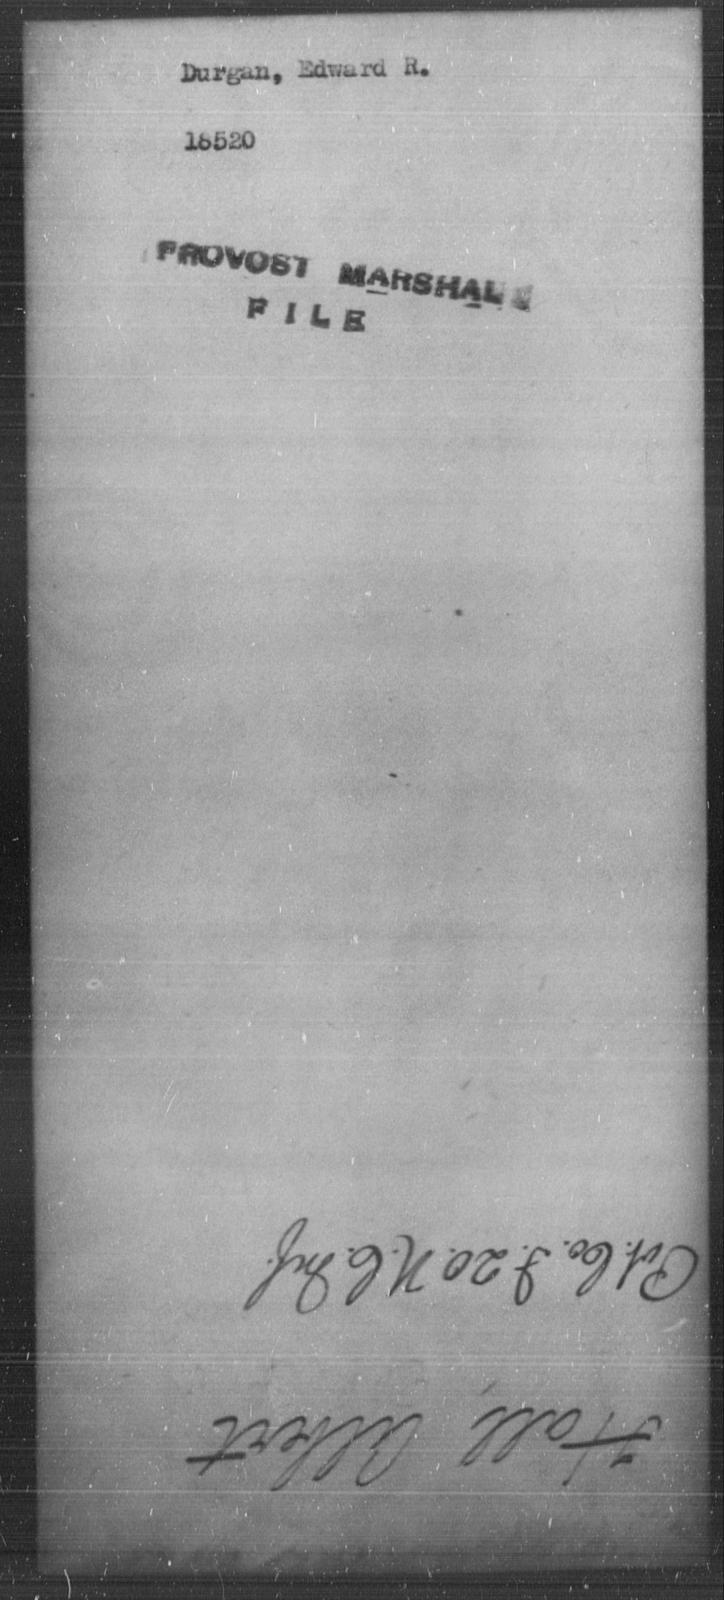 Durgan, Edward R - State: [Blank] - Year: [Blank]